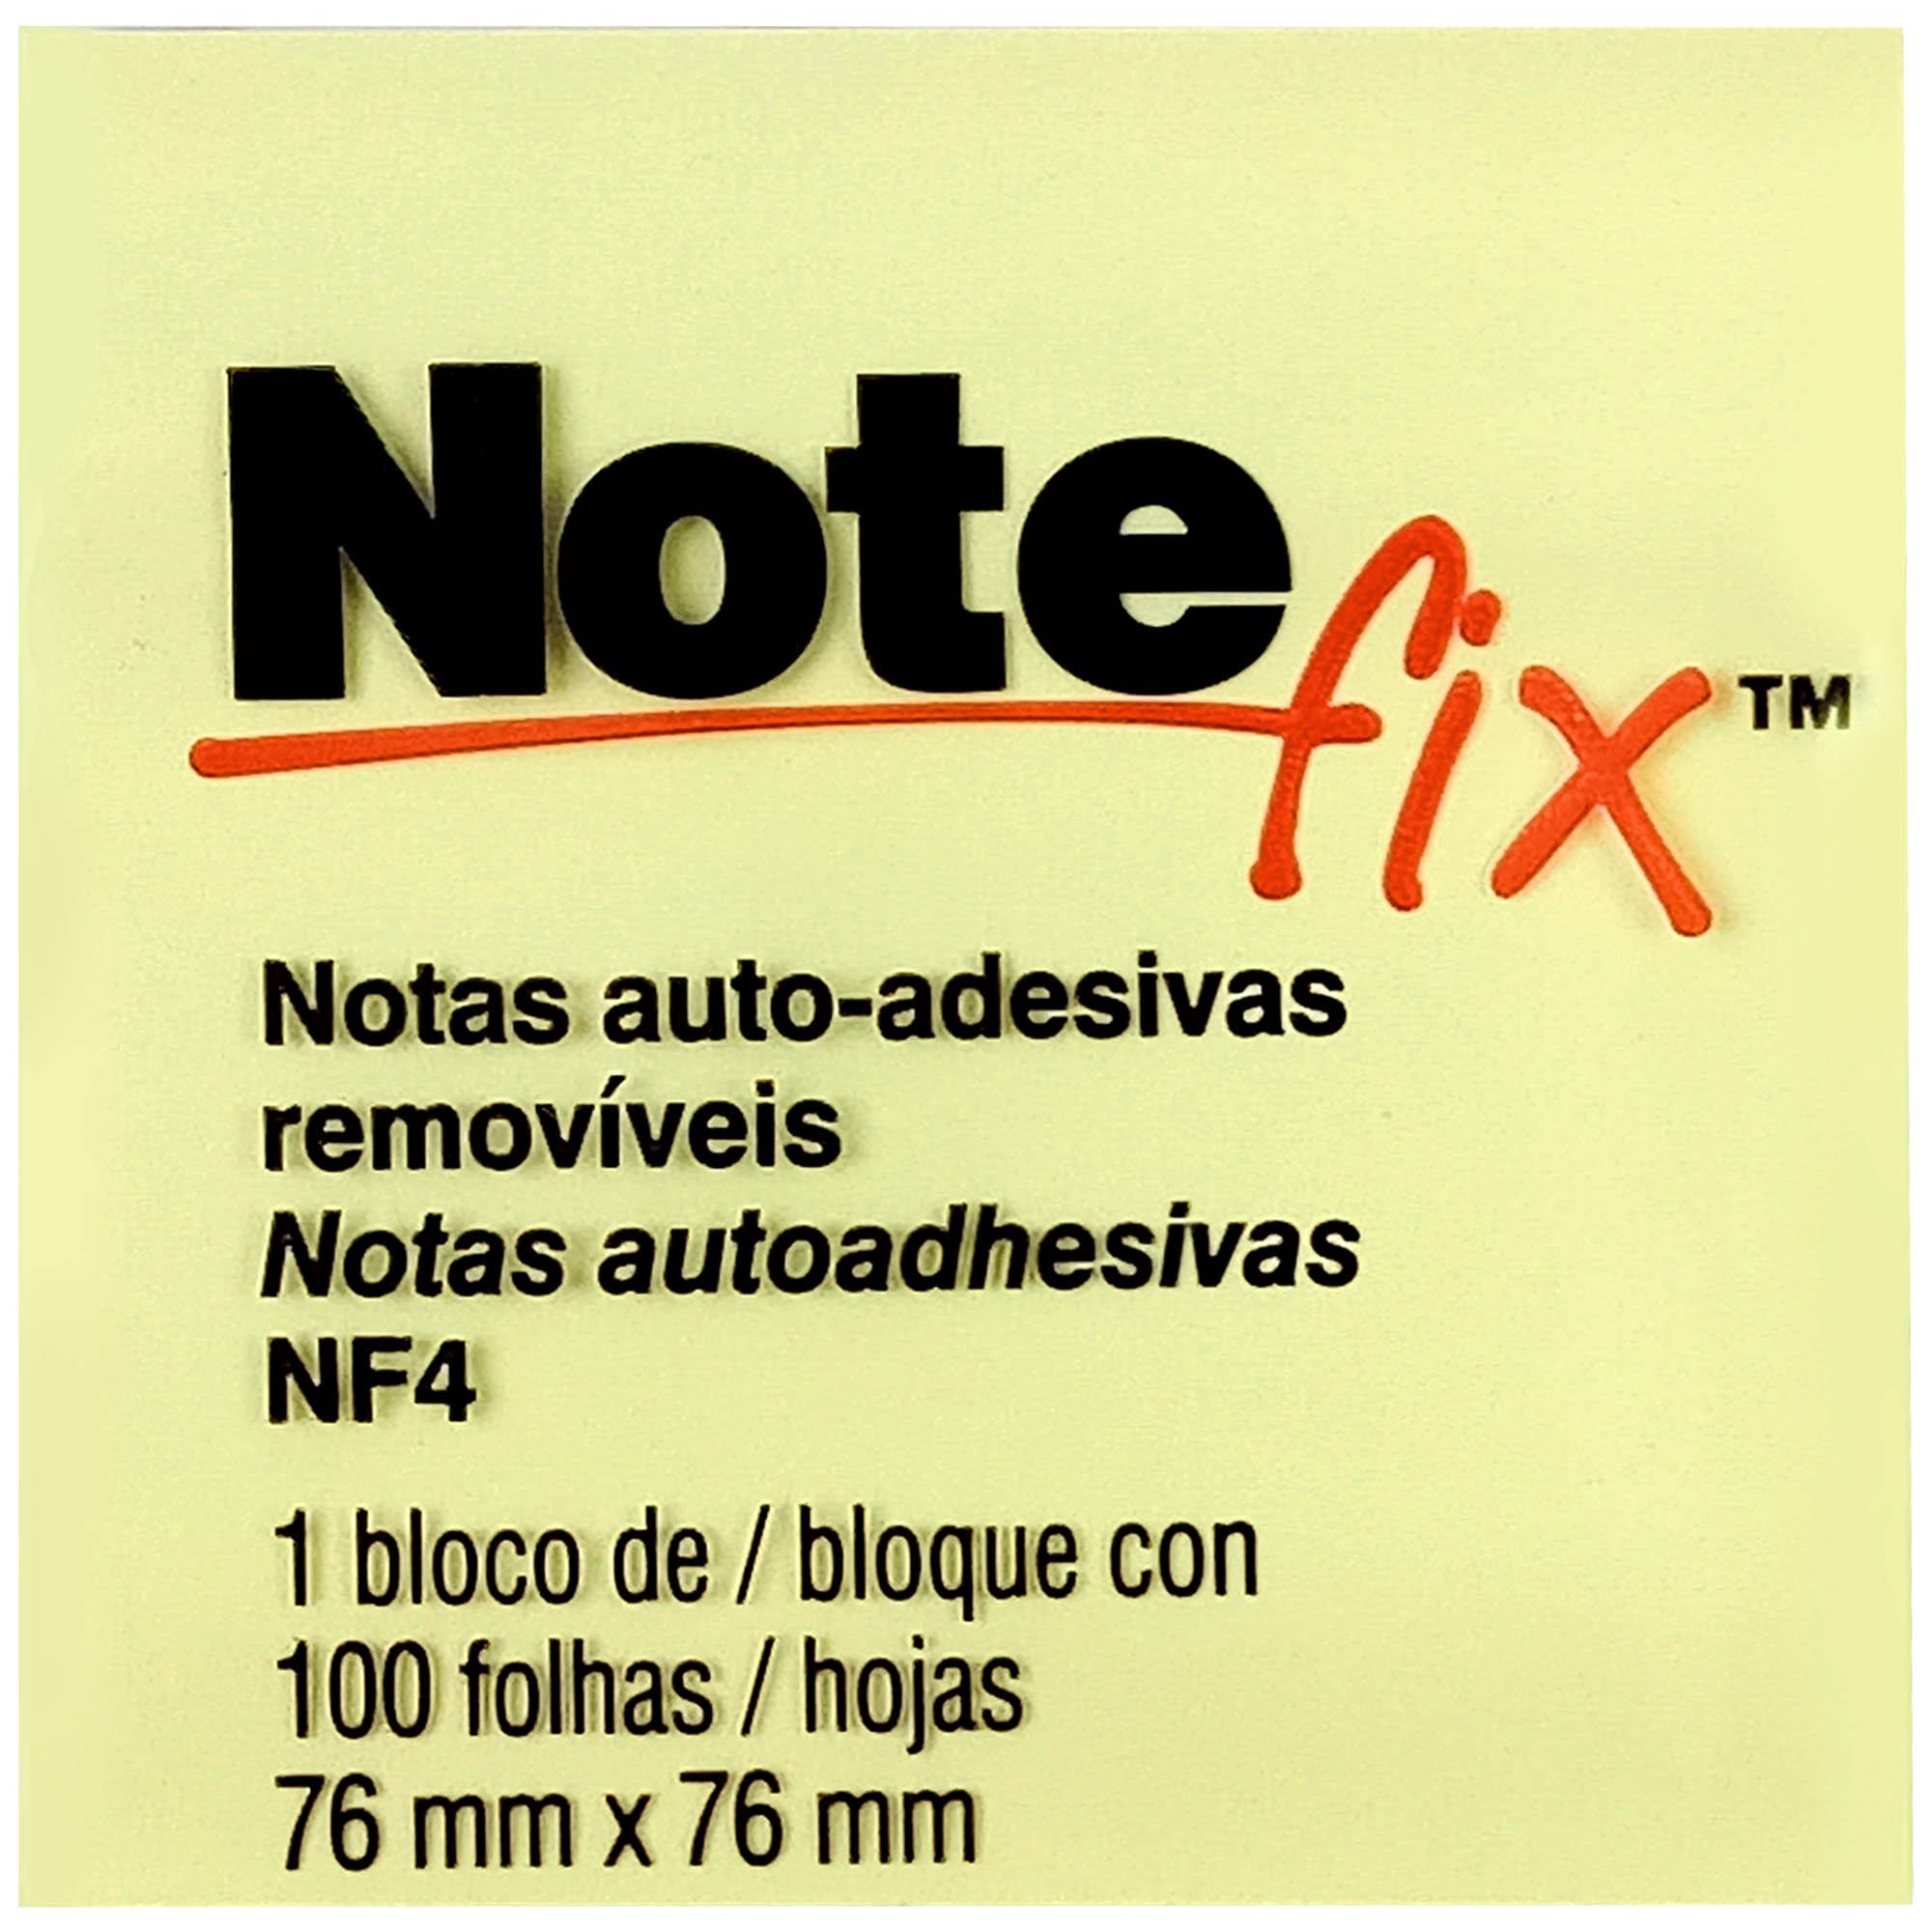 Bloco Autoadesivo Notefix 653 76mmX76mm 100F Cor Amarelo UN HB004088694 - 3M